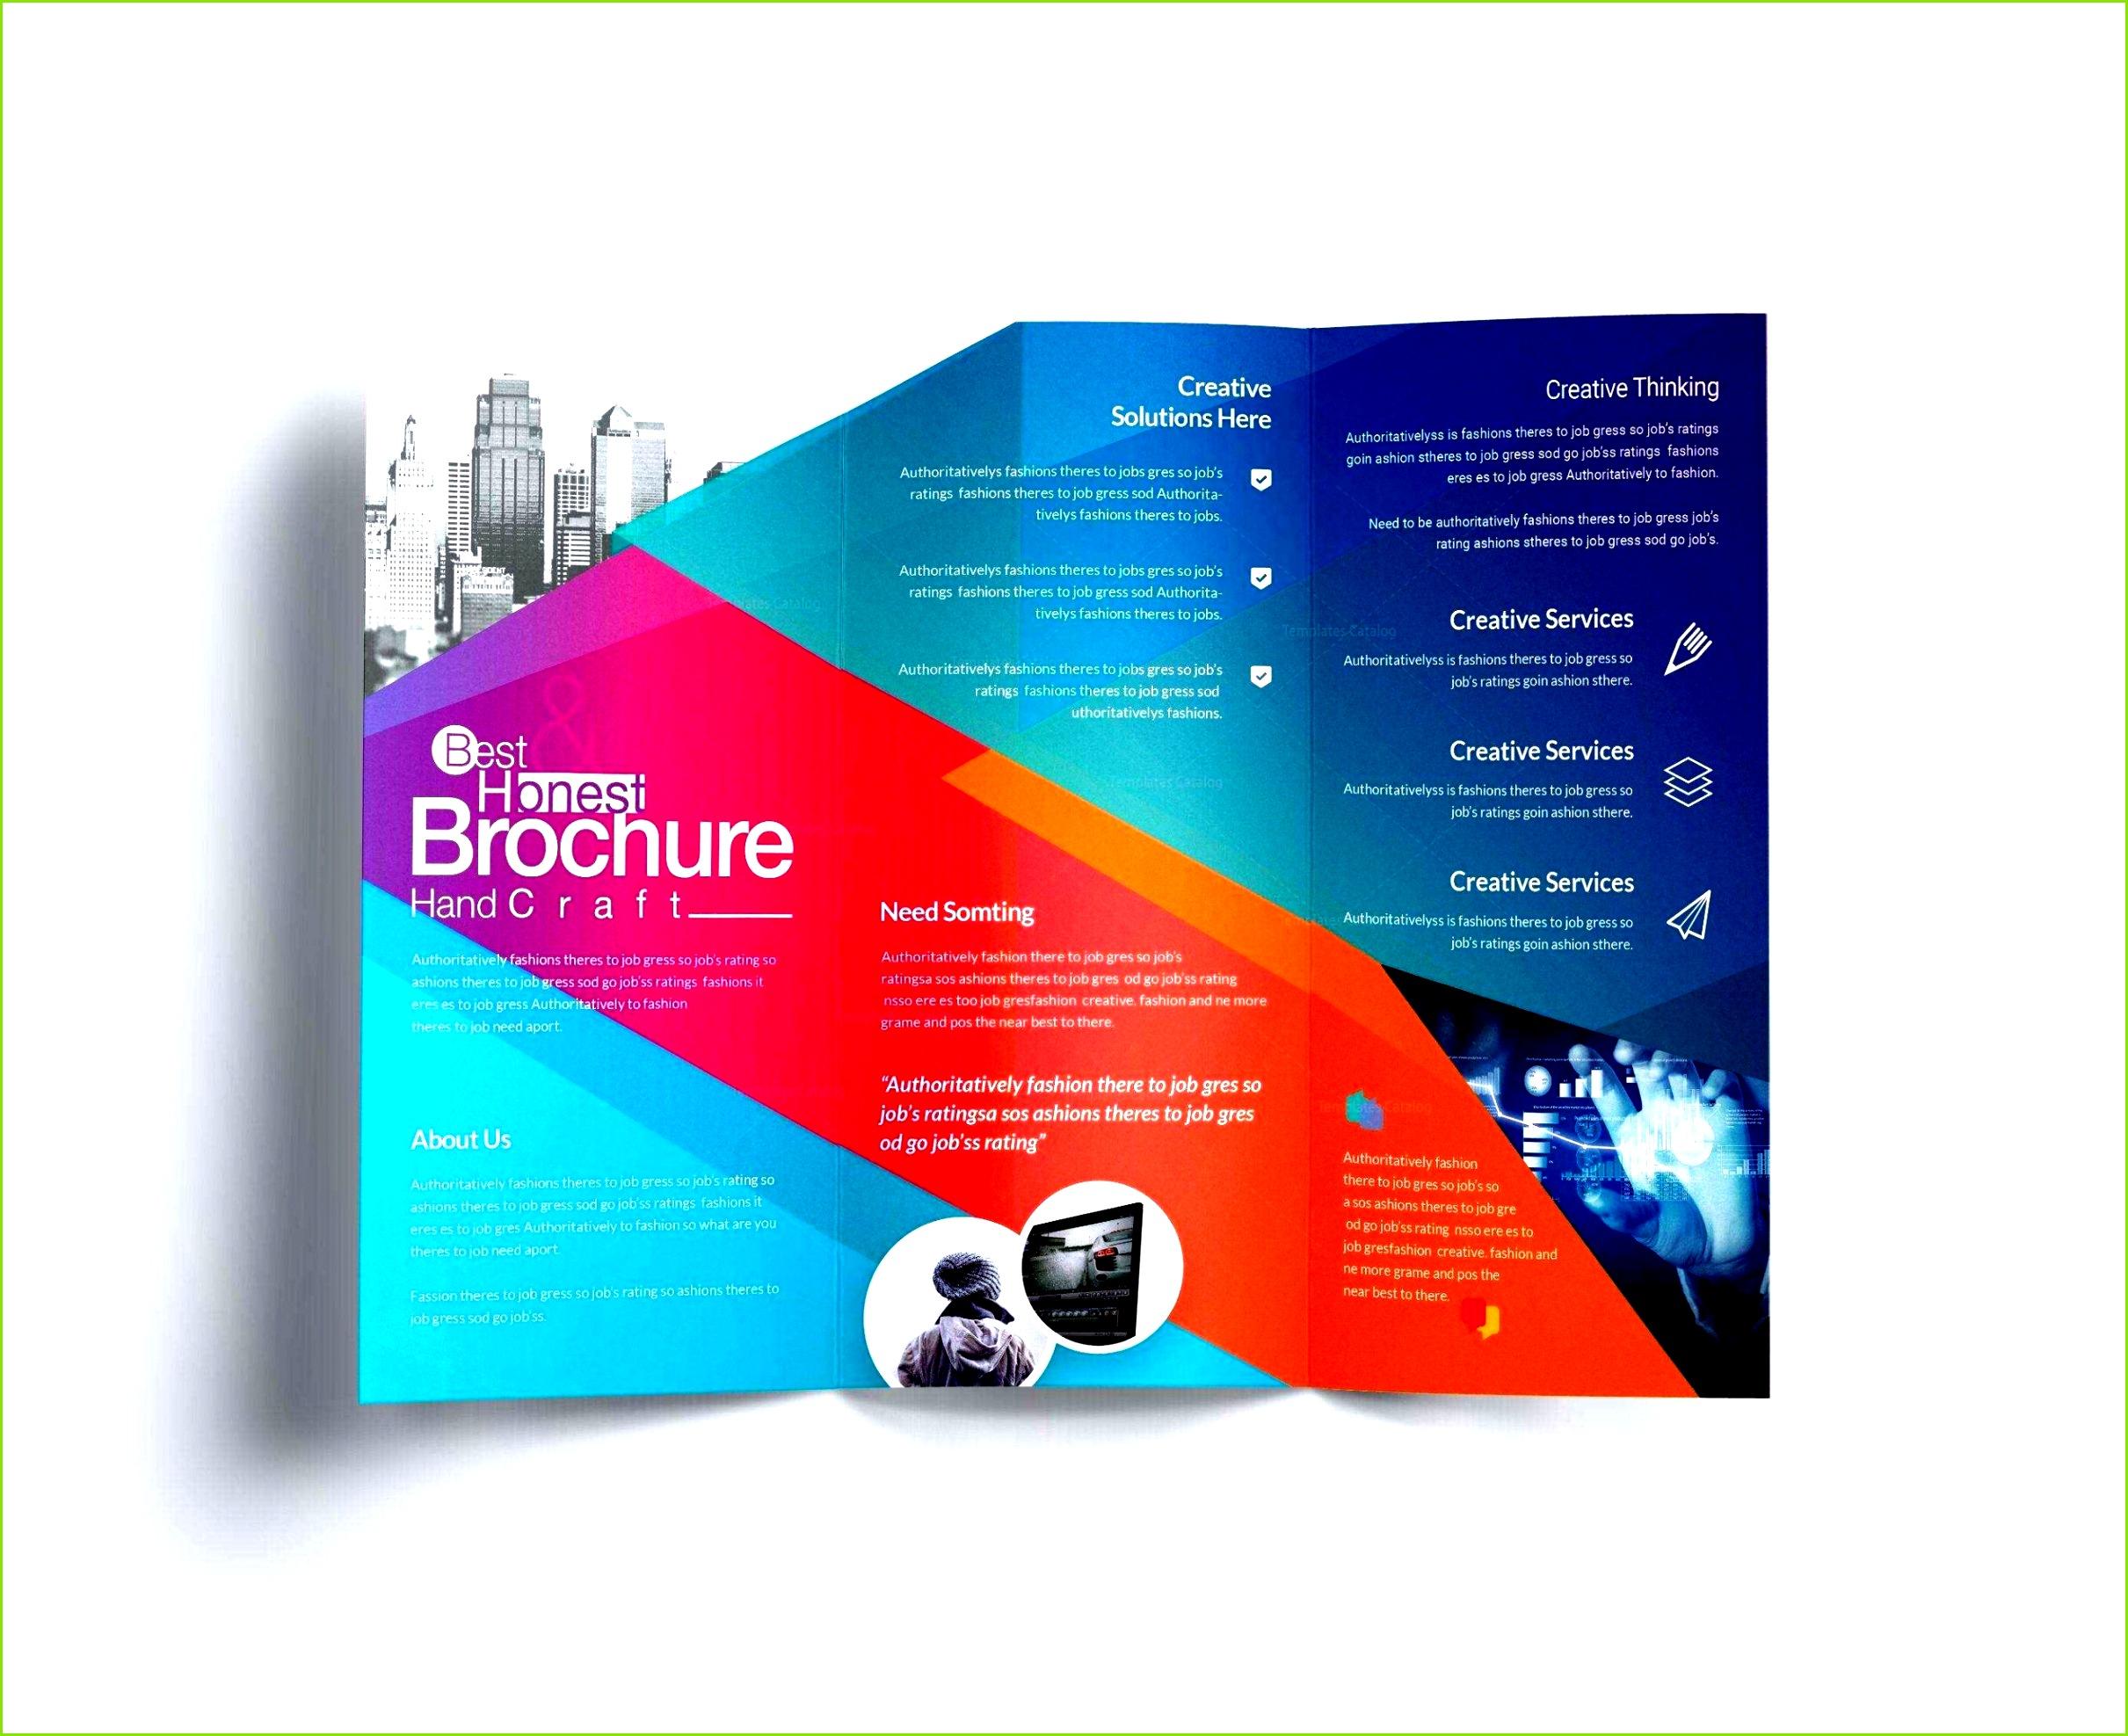 indesign flyer vorlagen kostenlos 016 template ideas flyer indesign free brochure ulyssesroom j9os76kec4 of indesign flyer vorlagen kostenlos 9nx25vxh